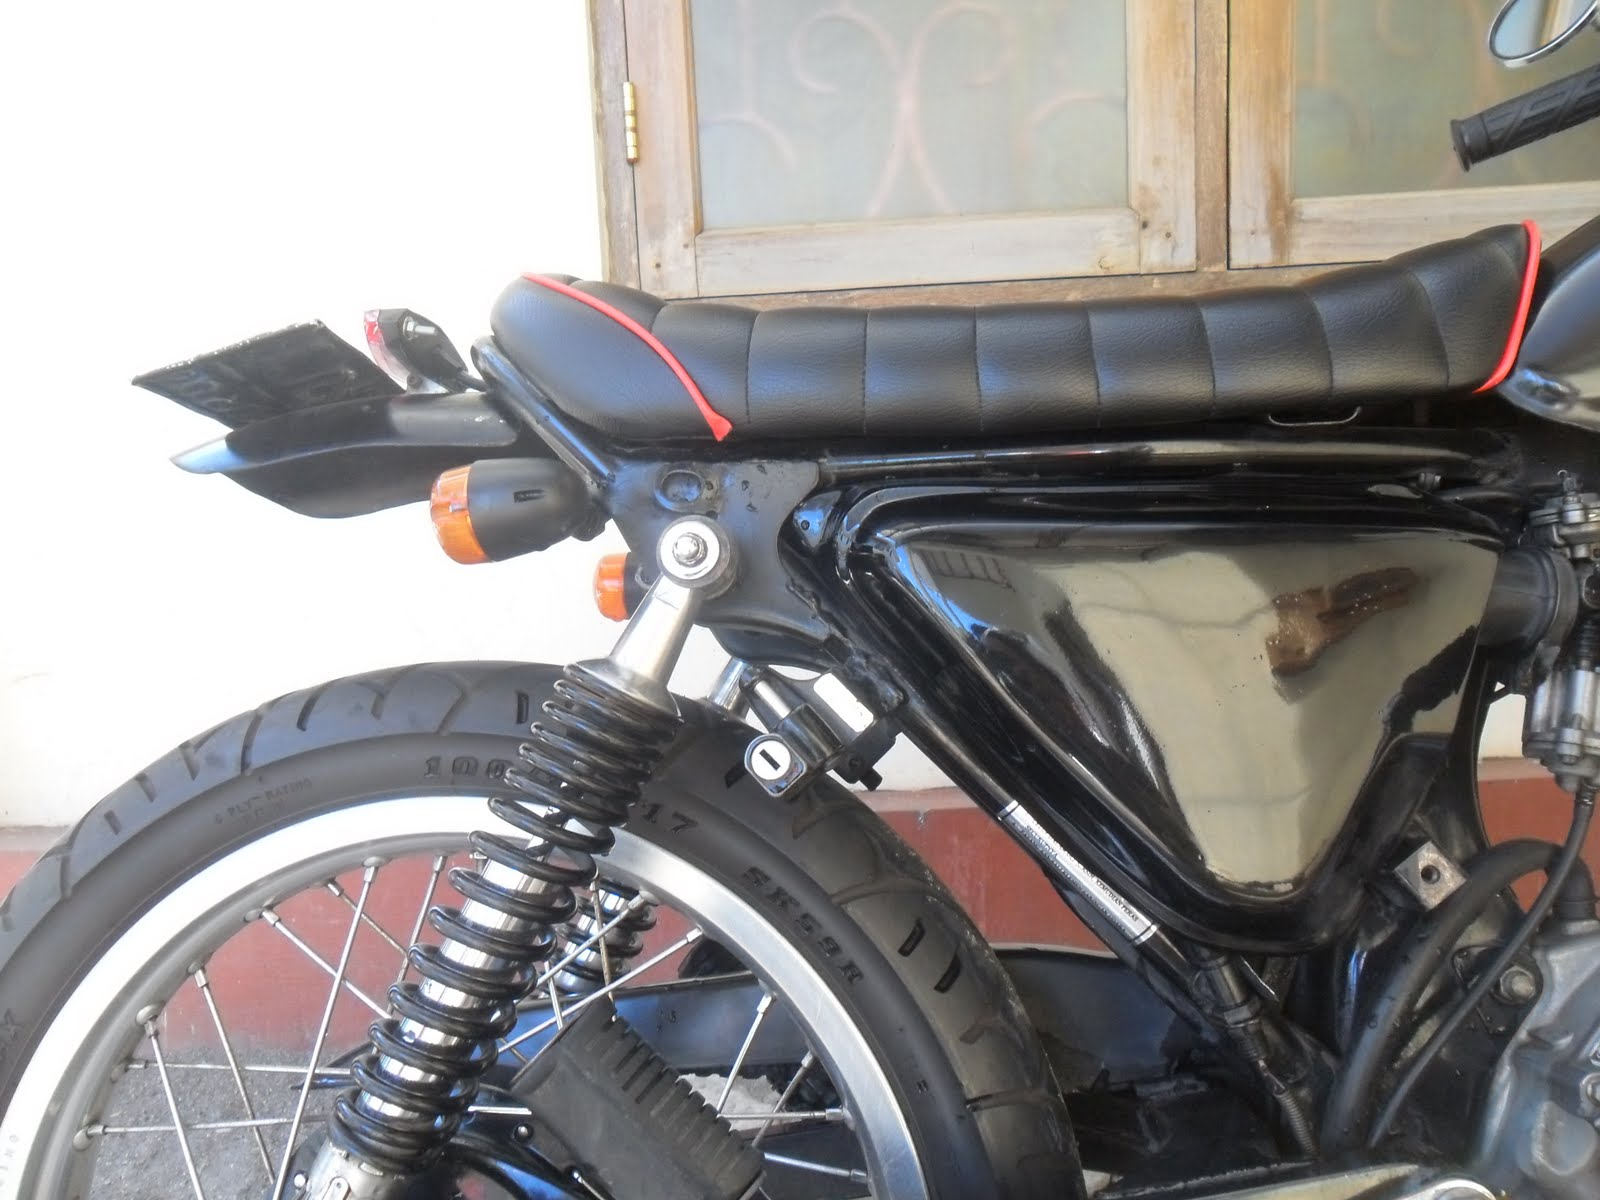 Bengkel Modifikasi Motor Jap Style Jakarta